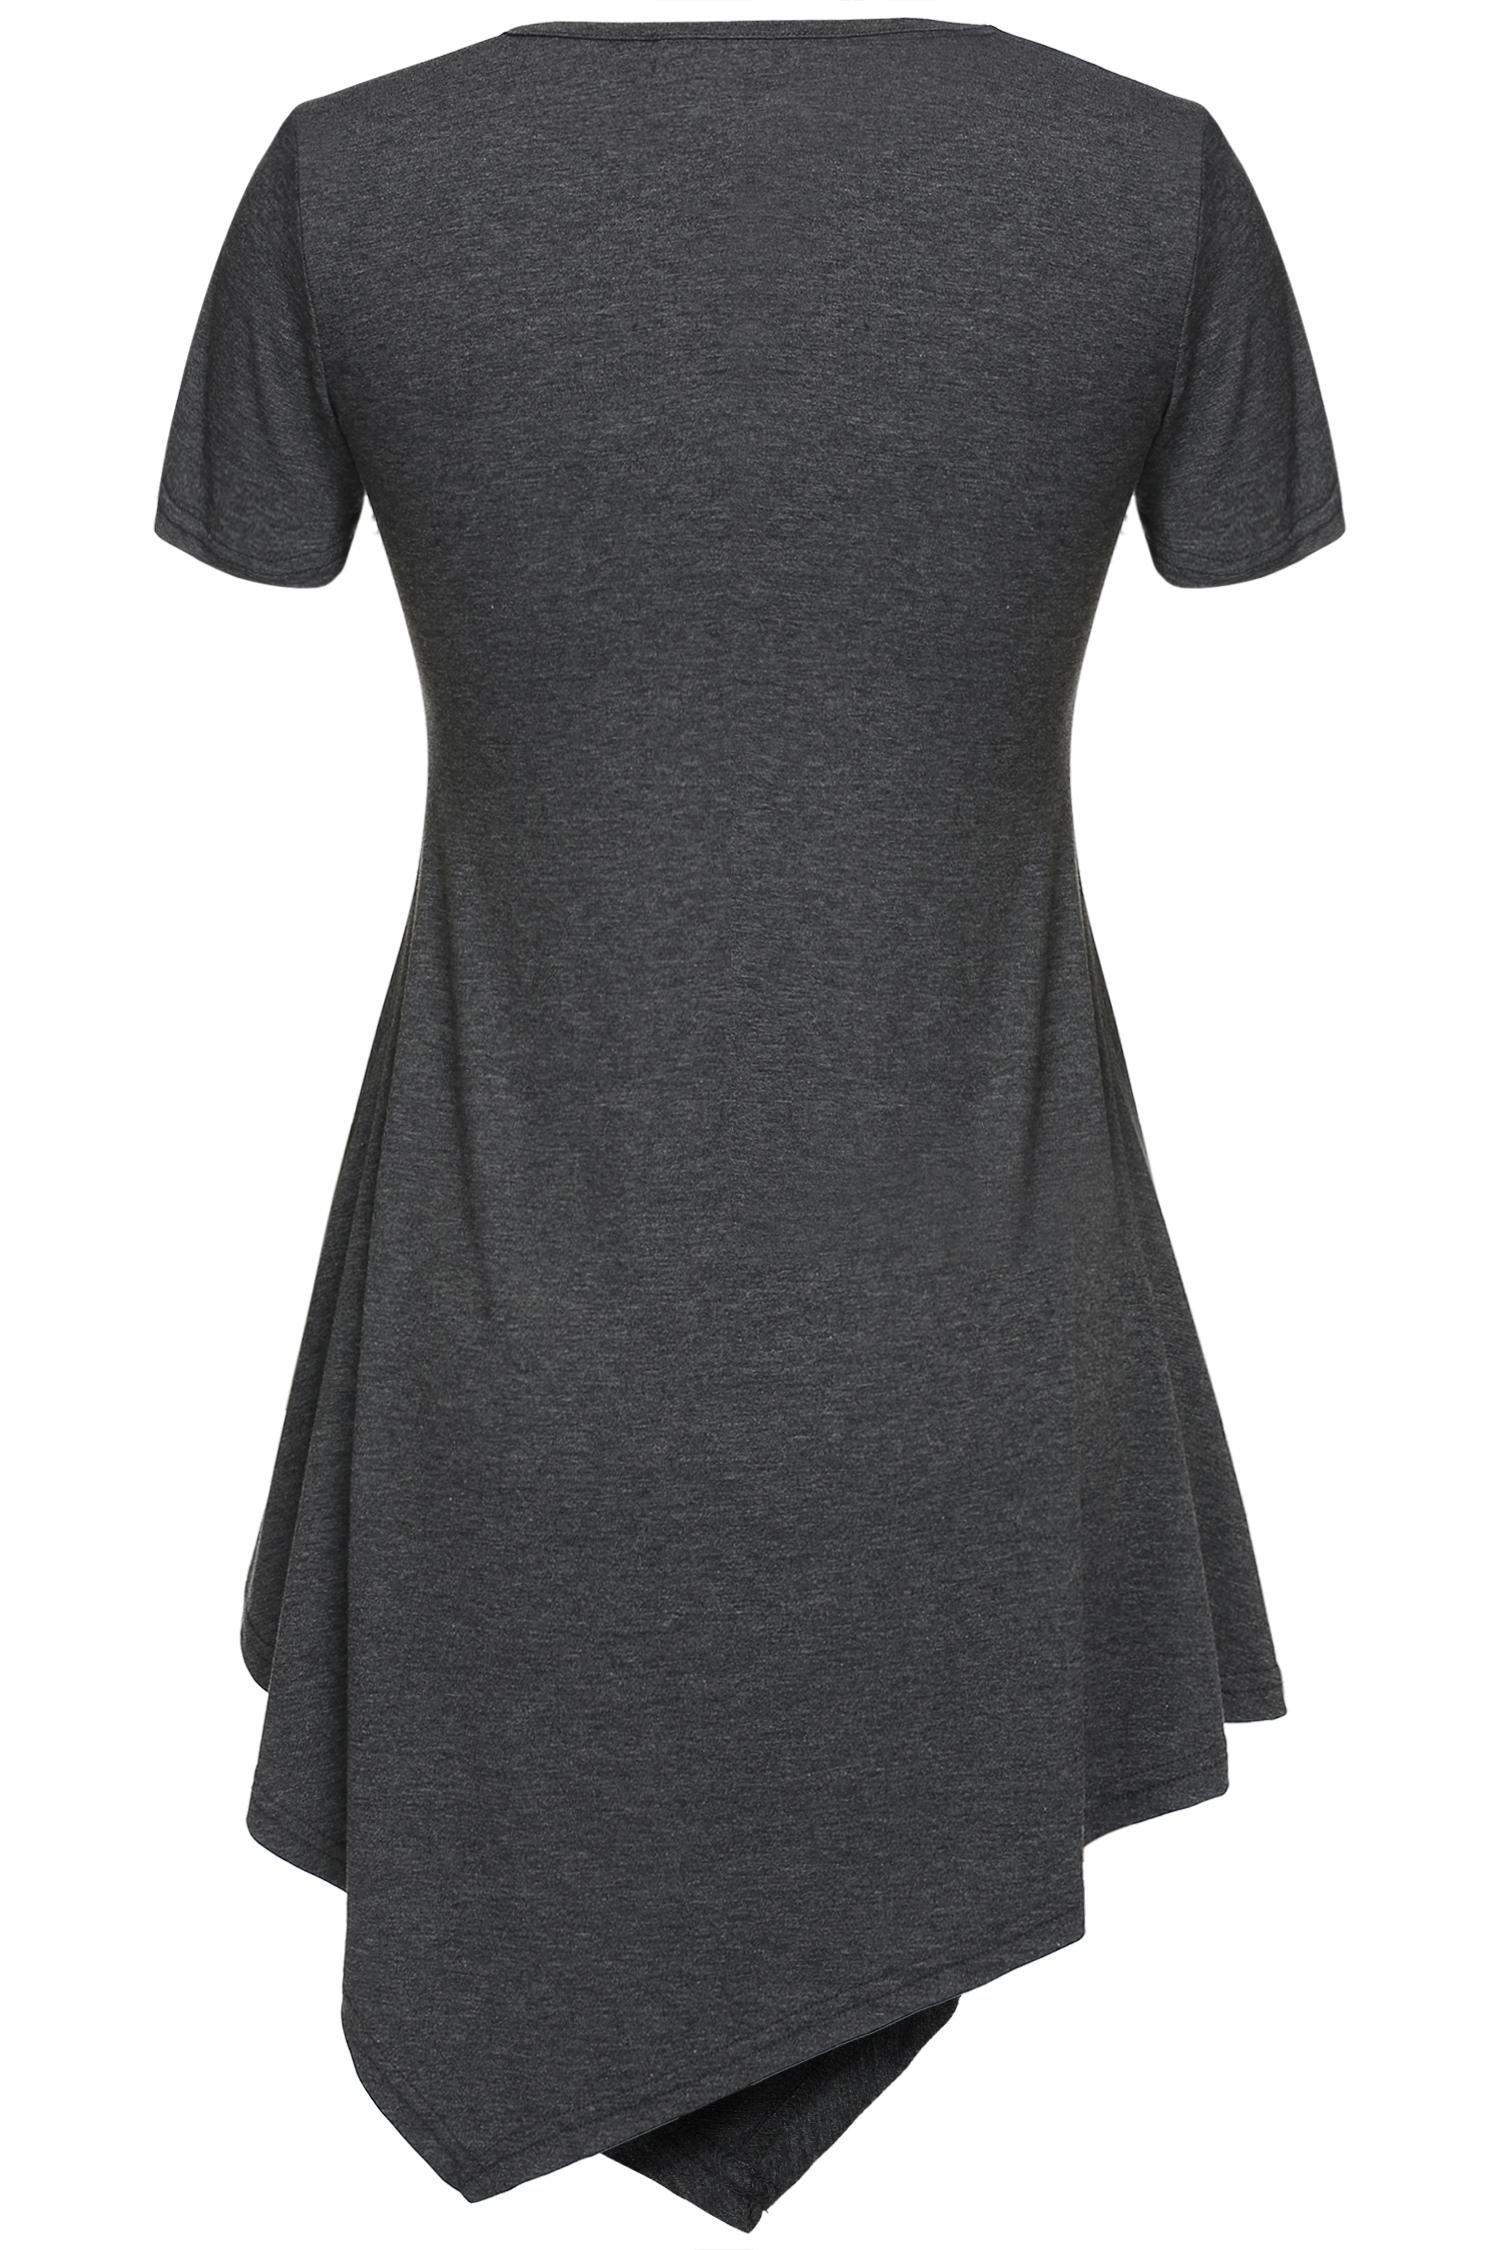 ELESOL Women\'s V Neck Short Sleeve Handkerchief Hem Lightweight Flare Tunic Top Dark Gray M